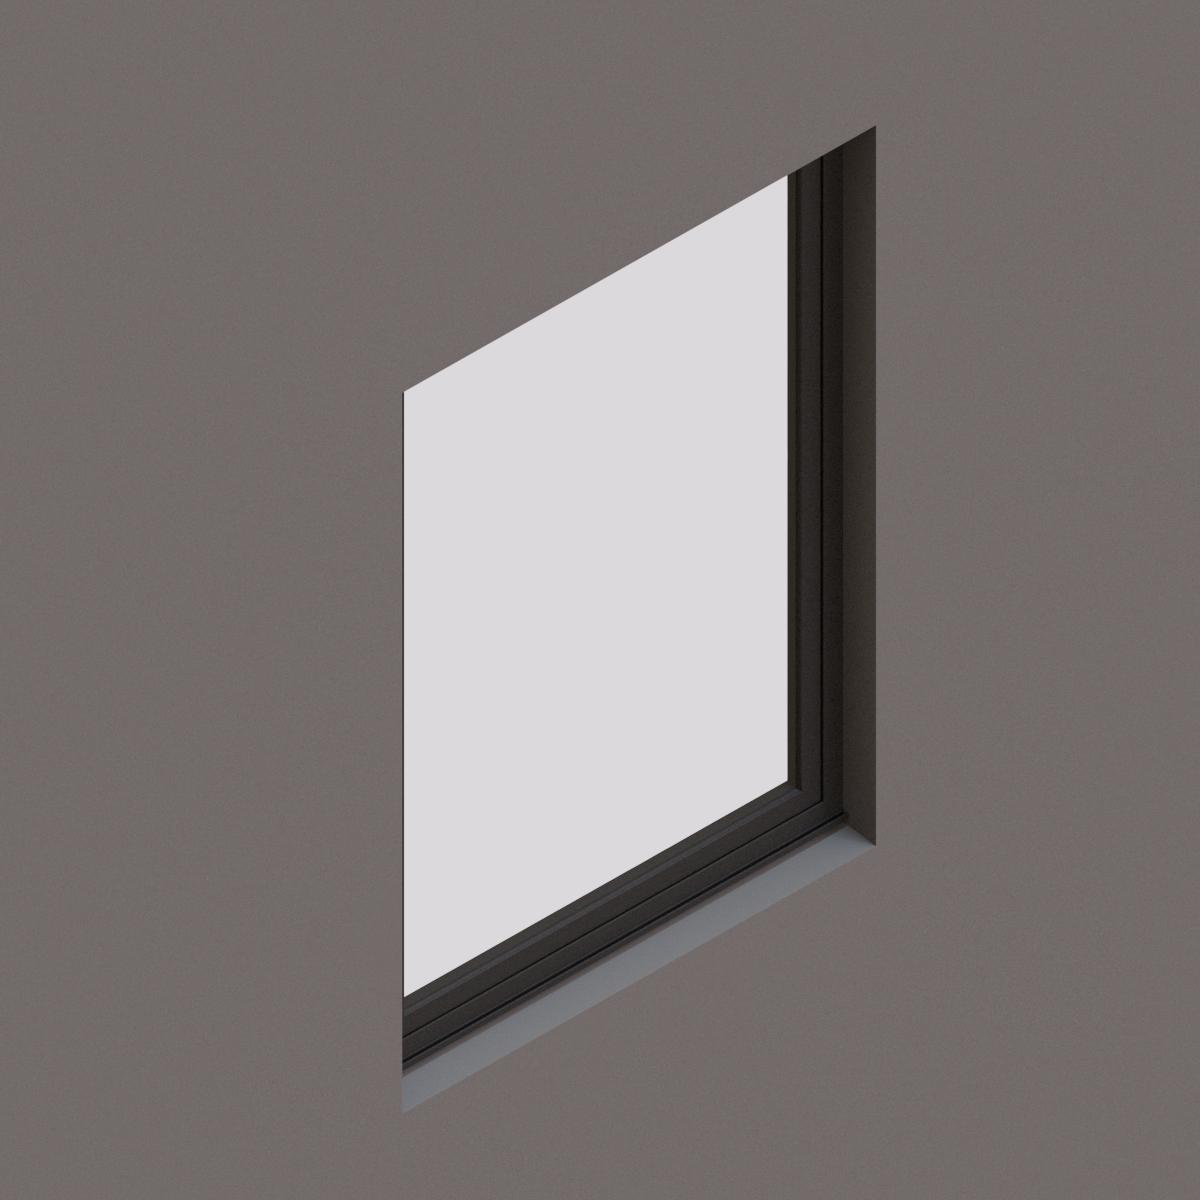 Ventana proyectante cristal monolitico junquillo redondeado 1115509c b72c 4d27 b073 02e6862f5dd8